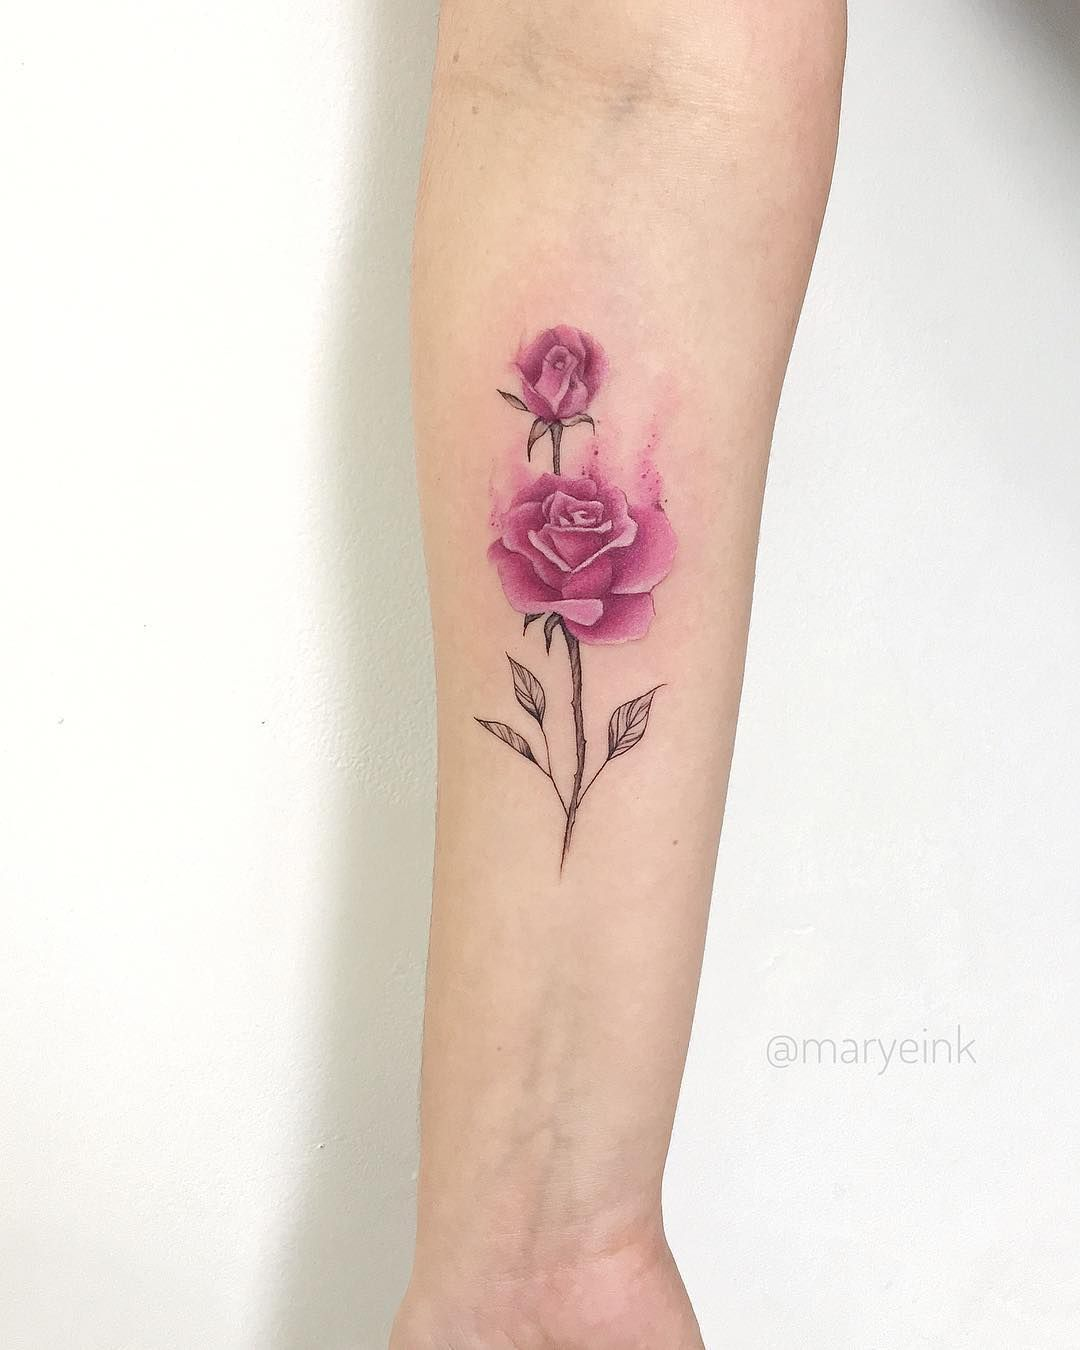 Name tattoo designs ankle tatuagem criada por mary ellen de joão pessoa rosa colorida